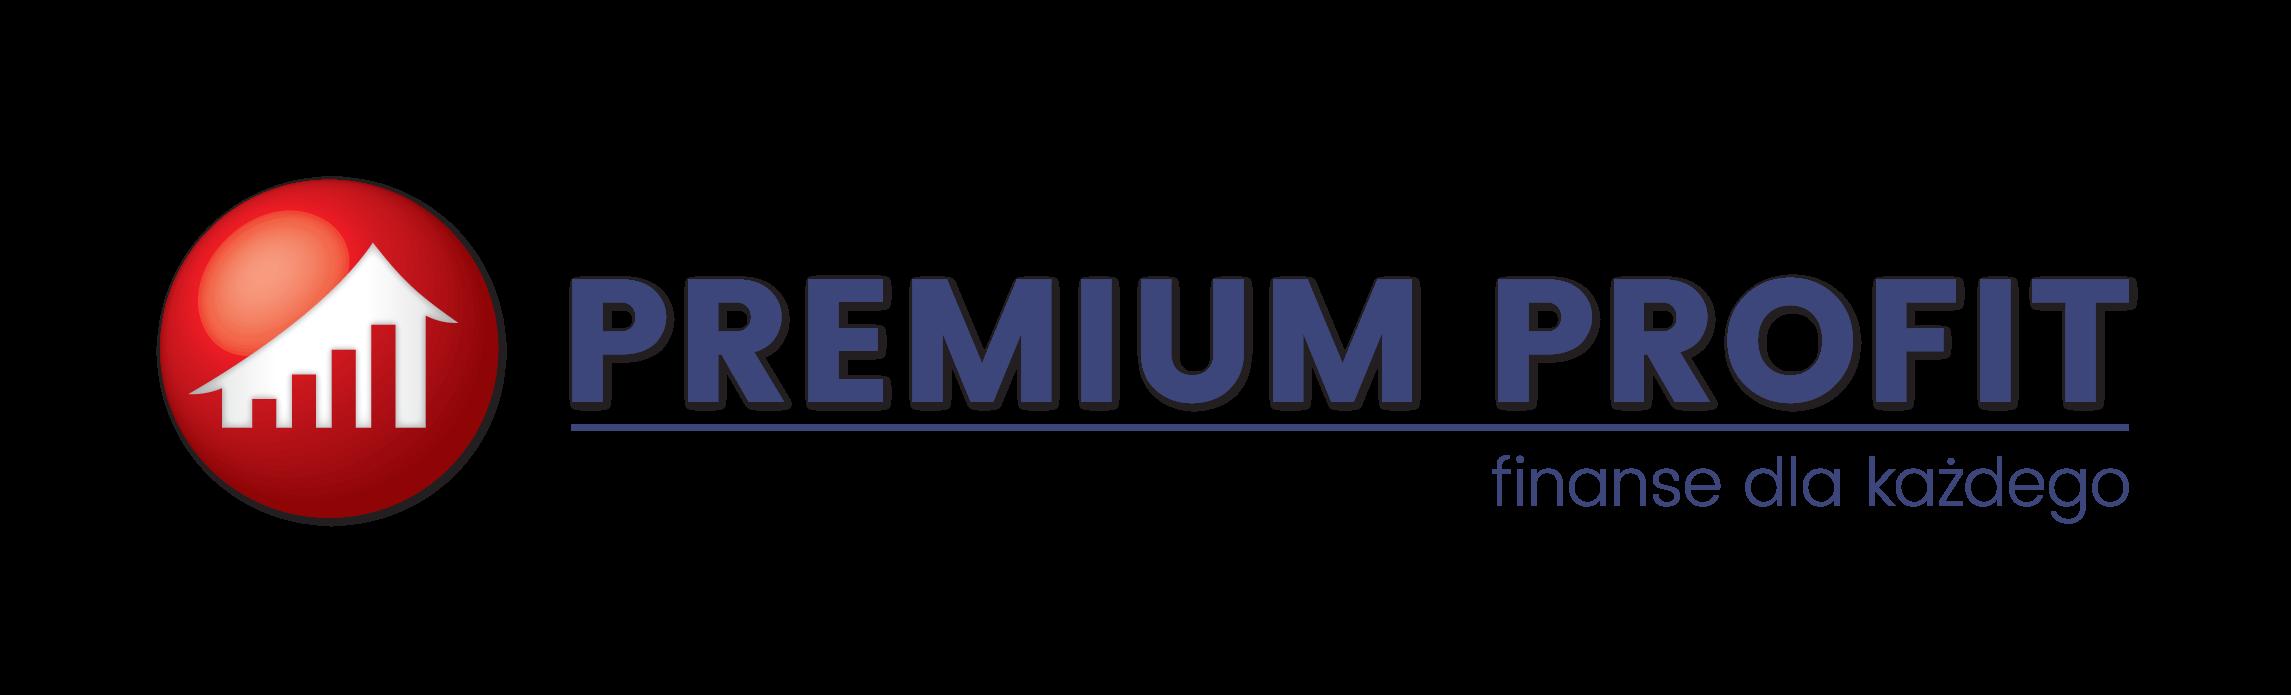 Kredyty, pożyczki, leasing - PremiumProfit.pl